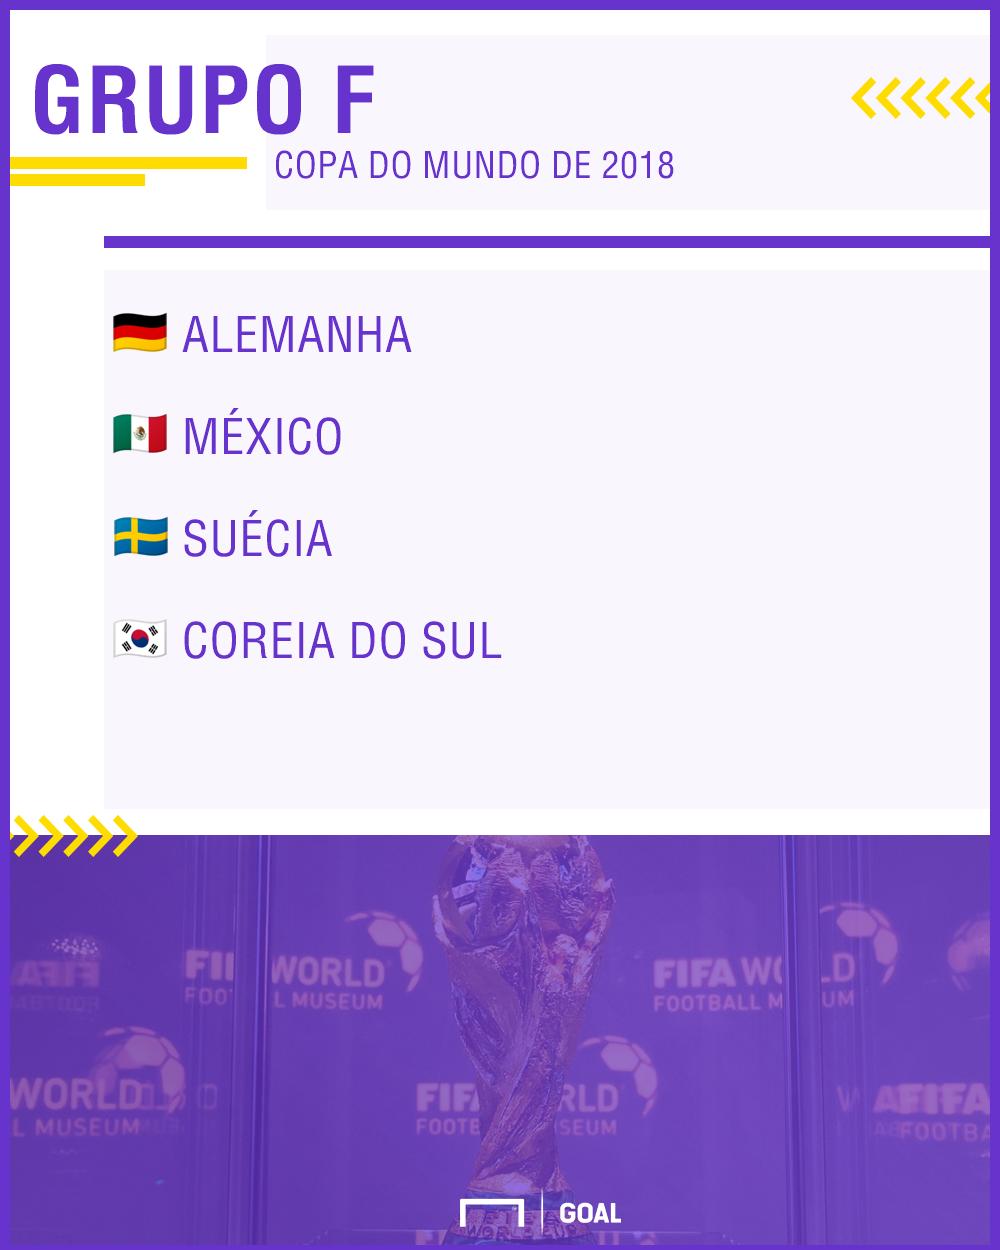 Sorteio torna possível final Brasil x Alemanha